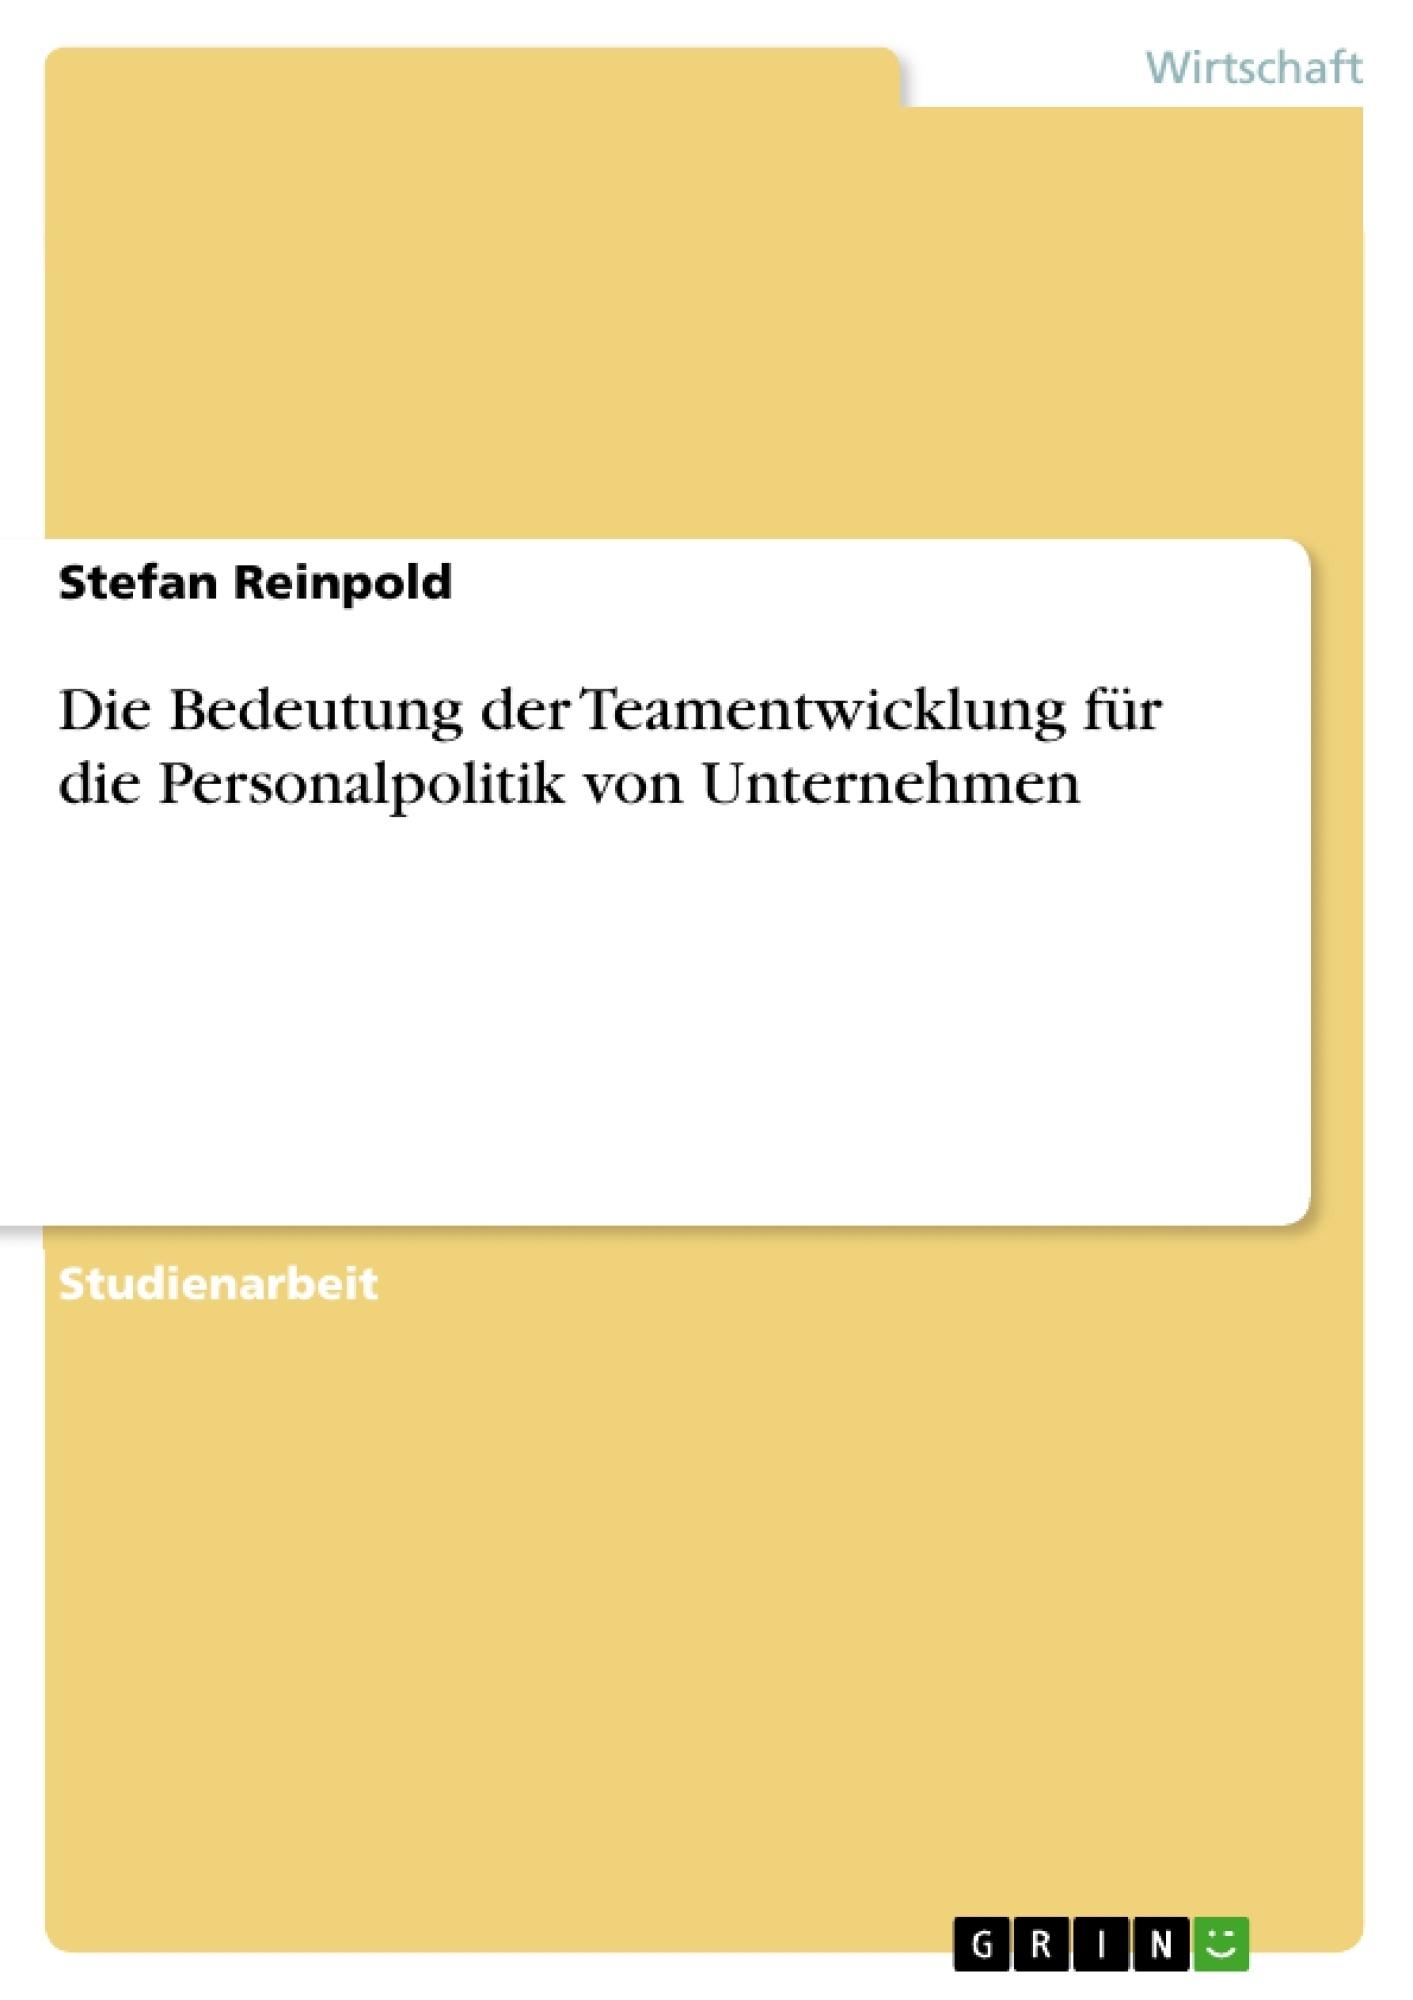 Titel: Die Bedeutung der Teamentwicklung für die Personalpolitik von Unternehmen